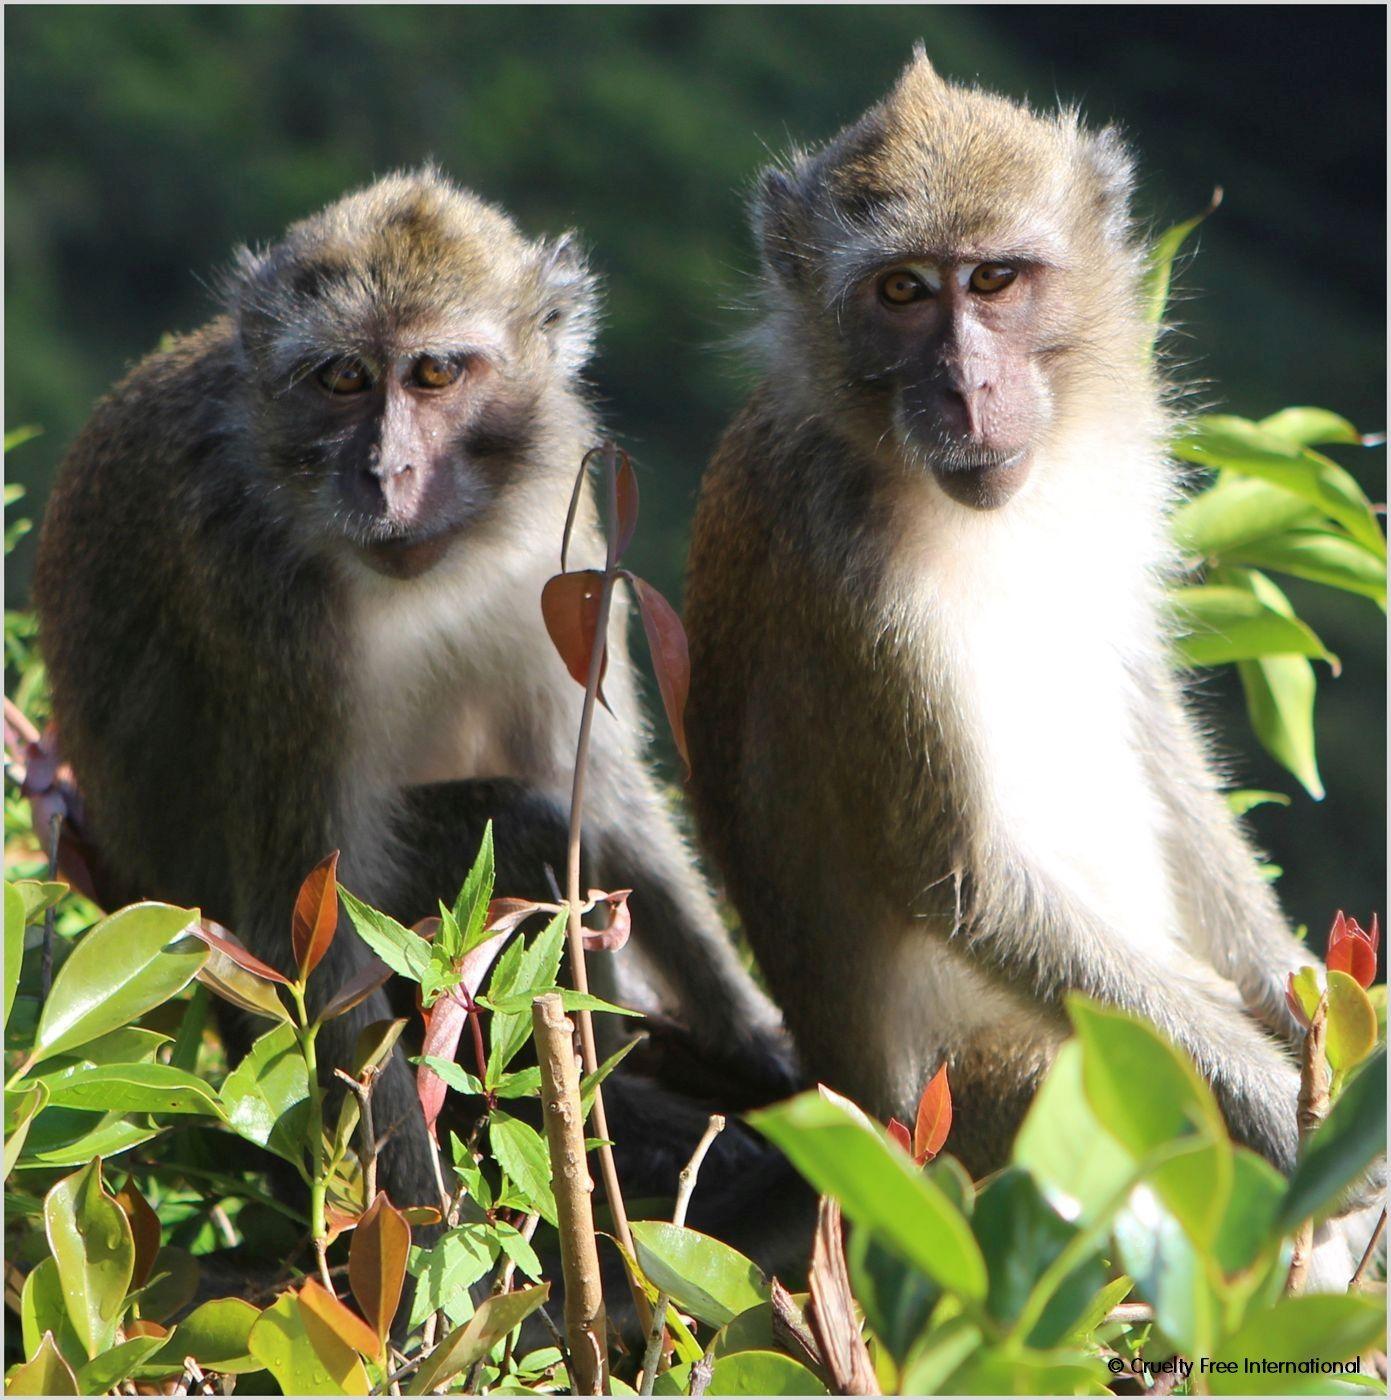 Cruelty Free International_Mauritius Wild Monkey (14)